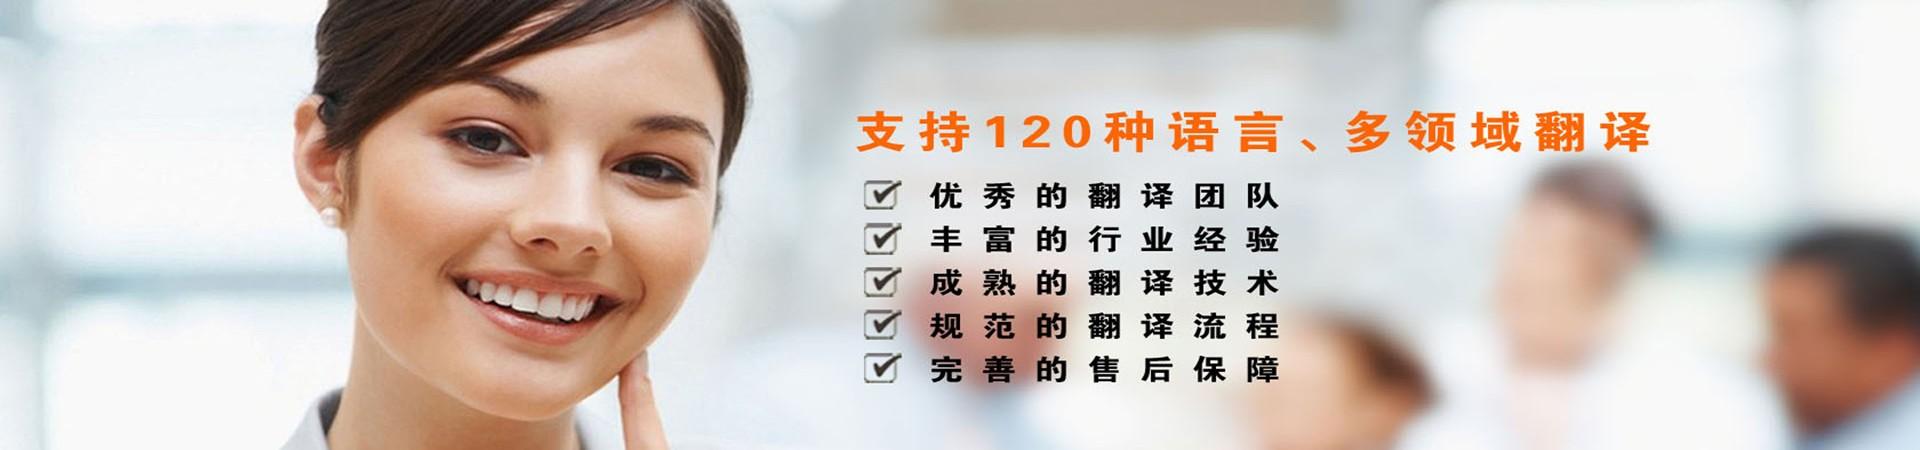 大连开发区翻译公司-大连翻译公司-大连日语翻译公司公司介绍